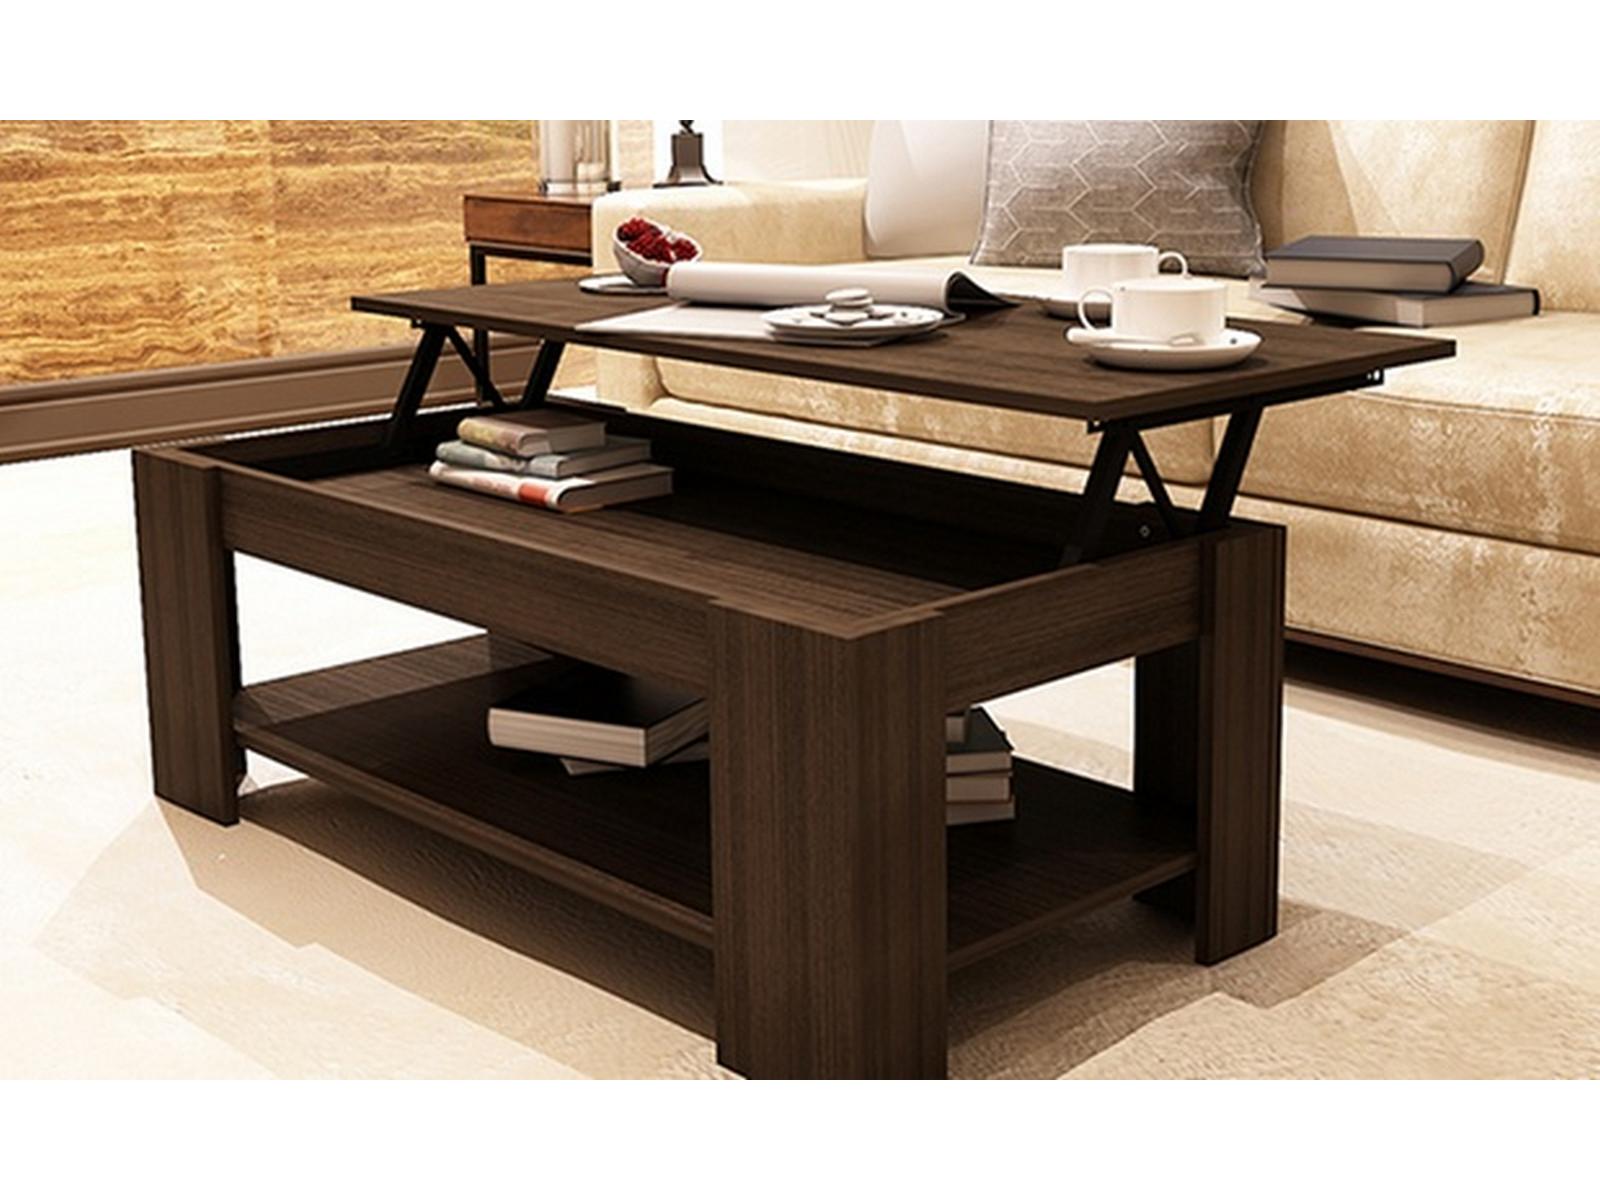 New Caspian Espresso Lift Top Coffee Table With Storage Shelf